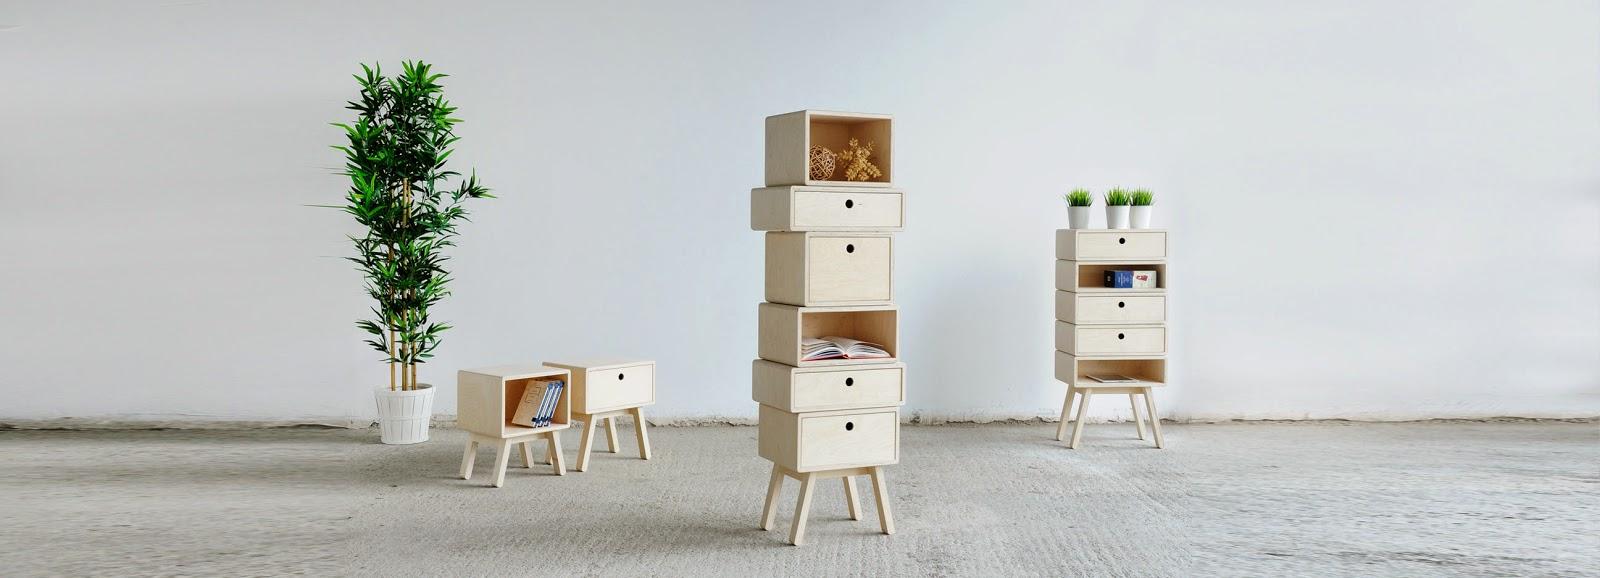 Furniture Minimalis Yang Fleksibel